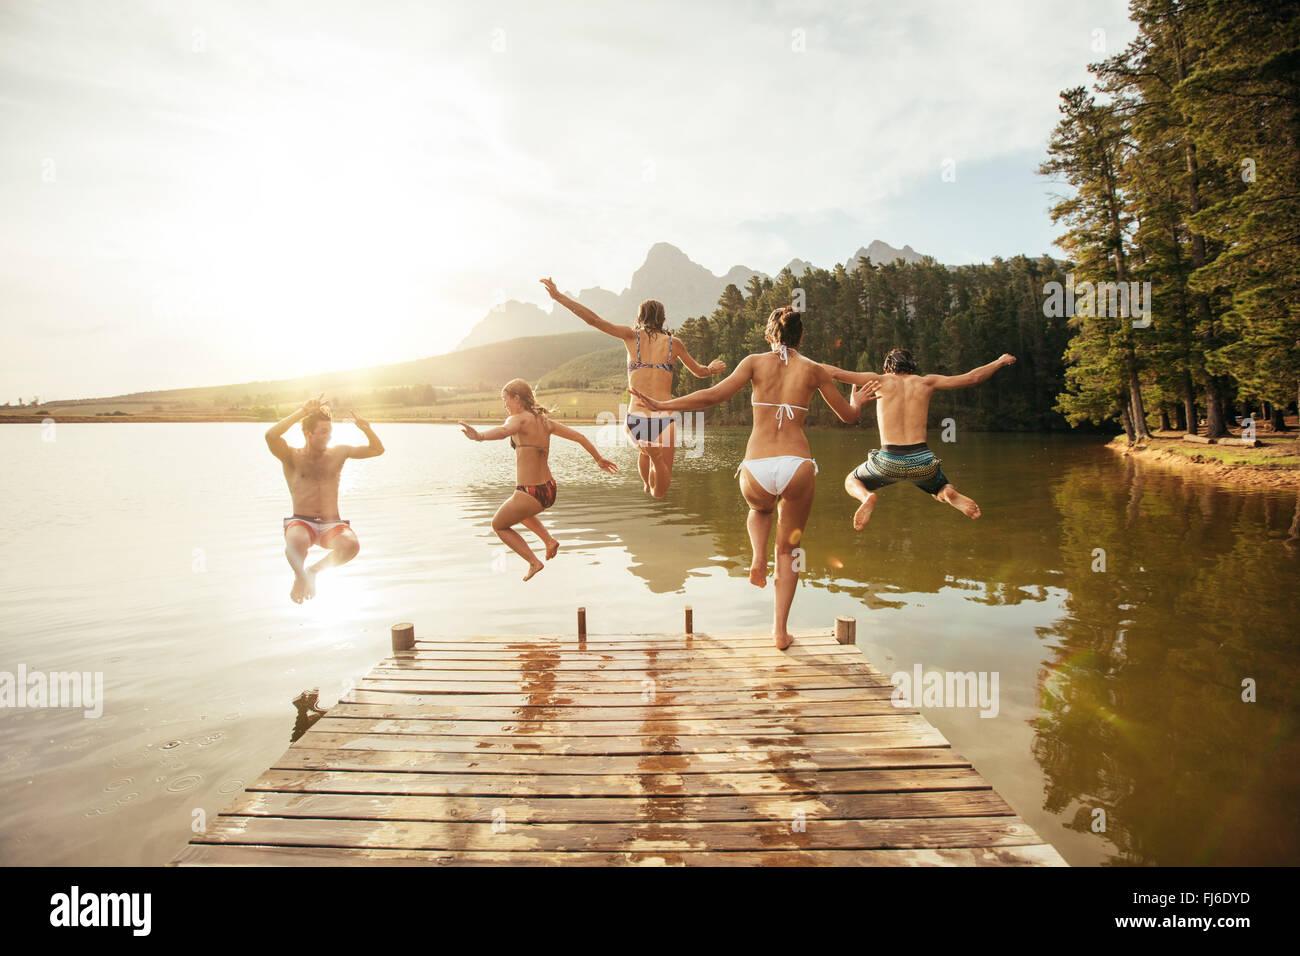 Portrait de jeunes amis de sauter dans l'eau d'une jetée. Les jeunes s'amuser au bord du lac sur une journée d'été. Banque D'Images